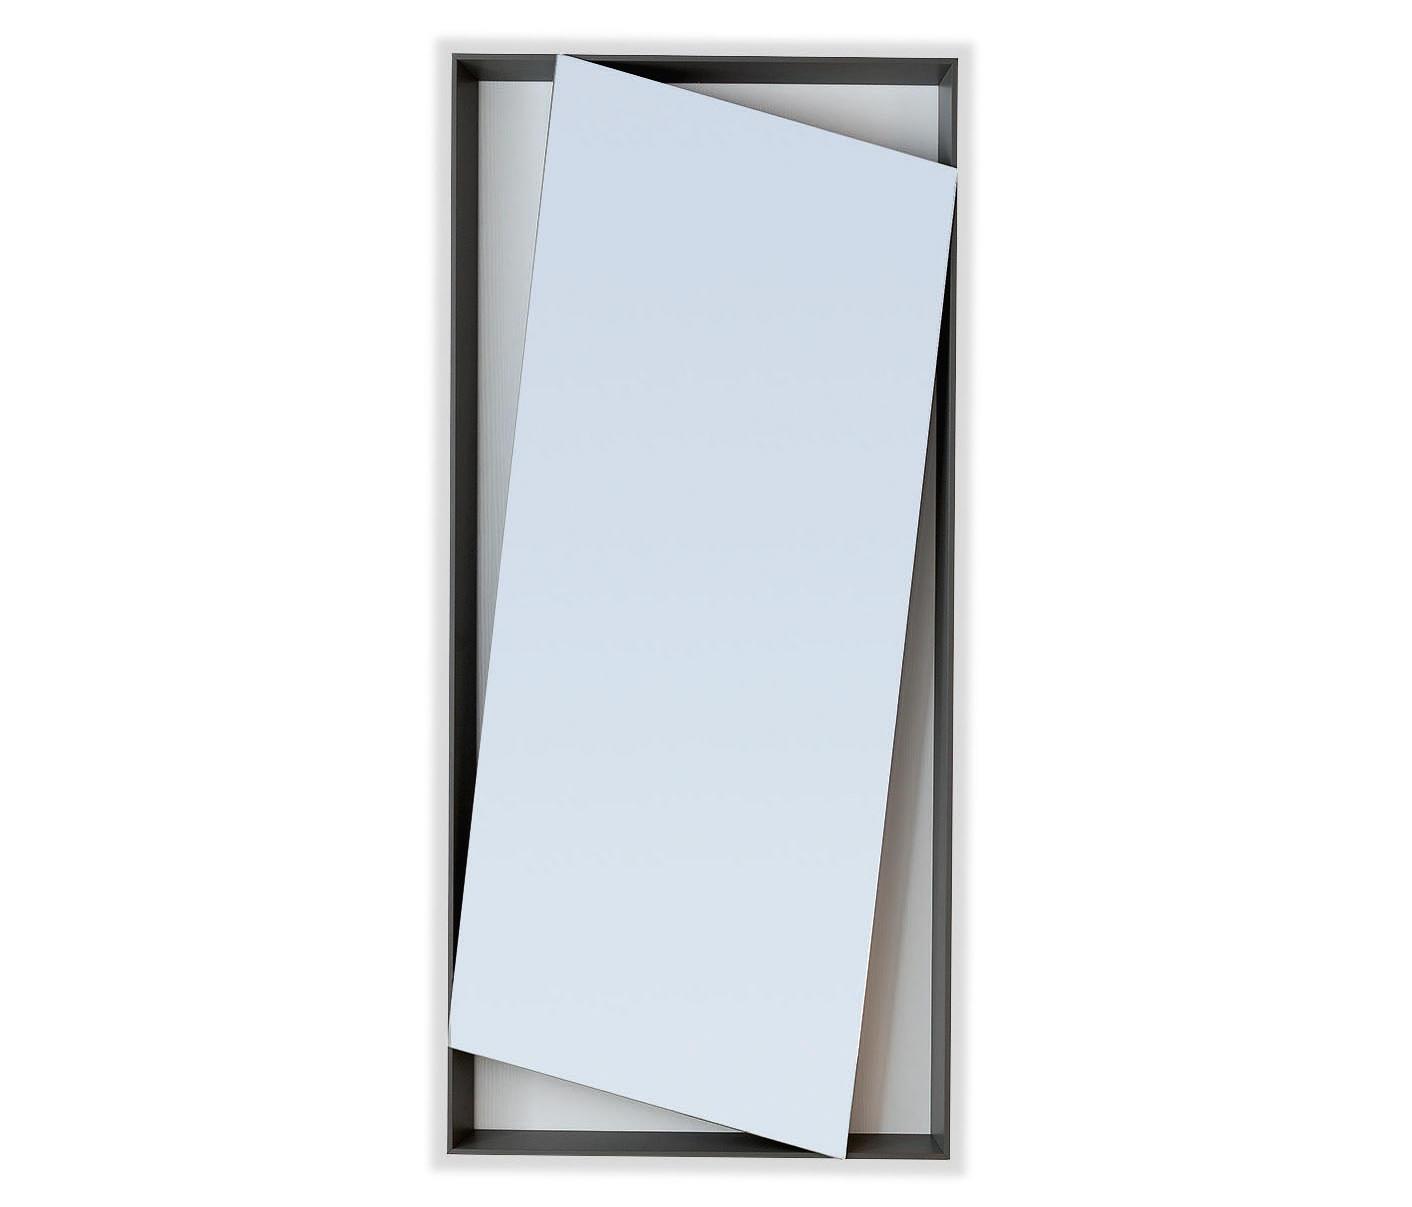 Bonaldo Настенное зеркало Hung up от итальянского бренда Bonaldo